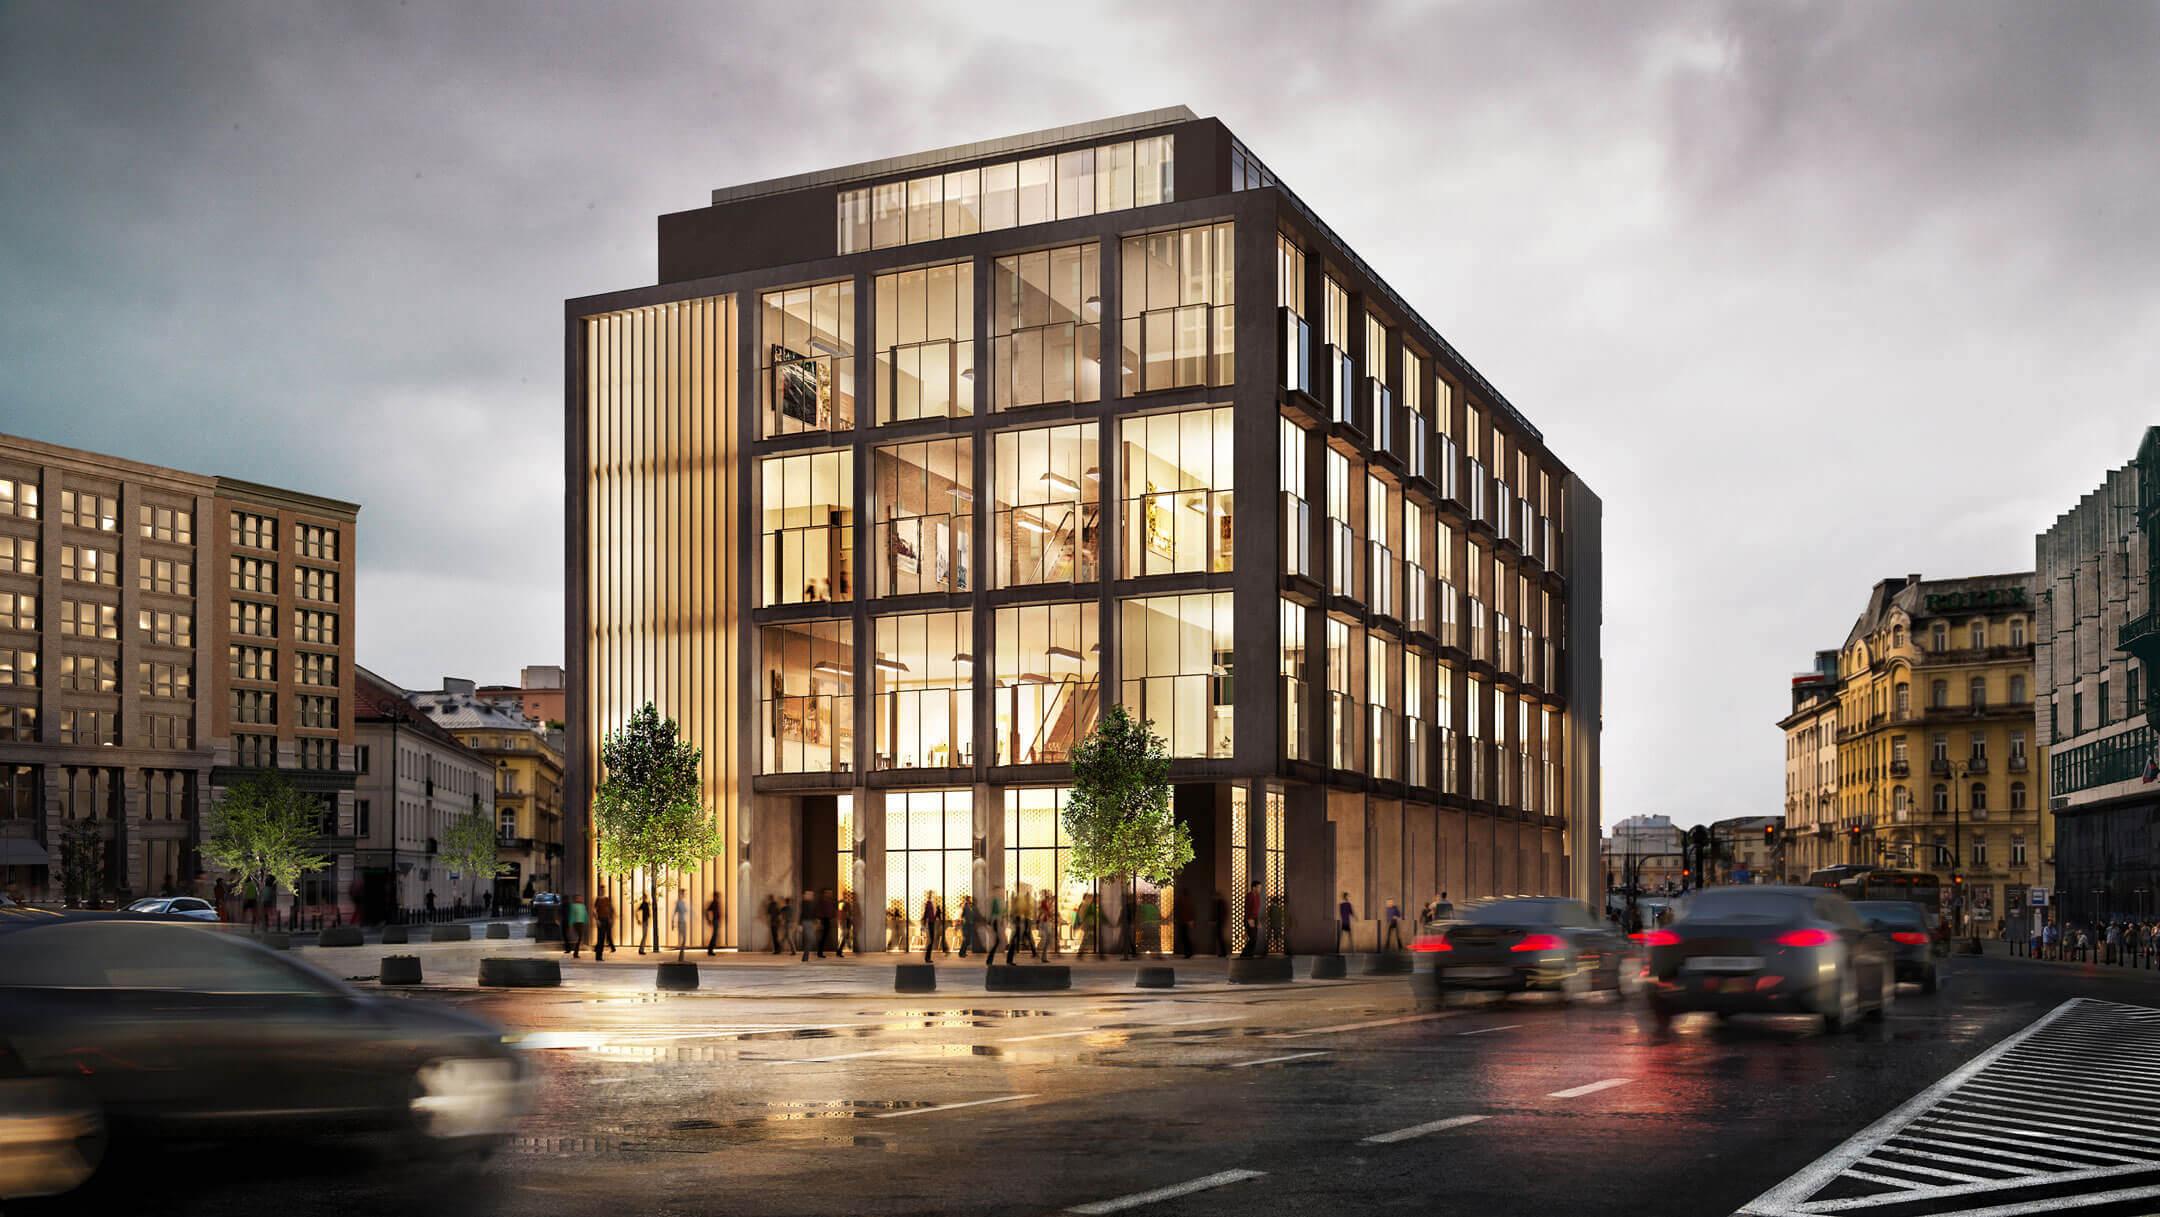 3D Exterior Visualization Of A Modern Business Center